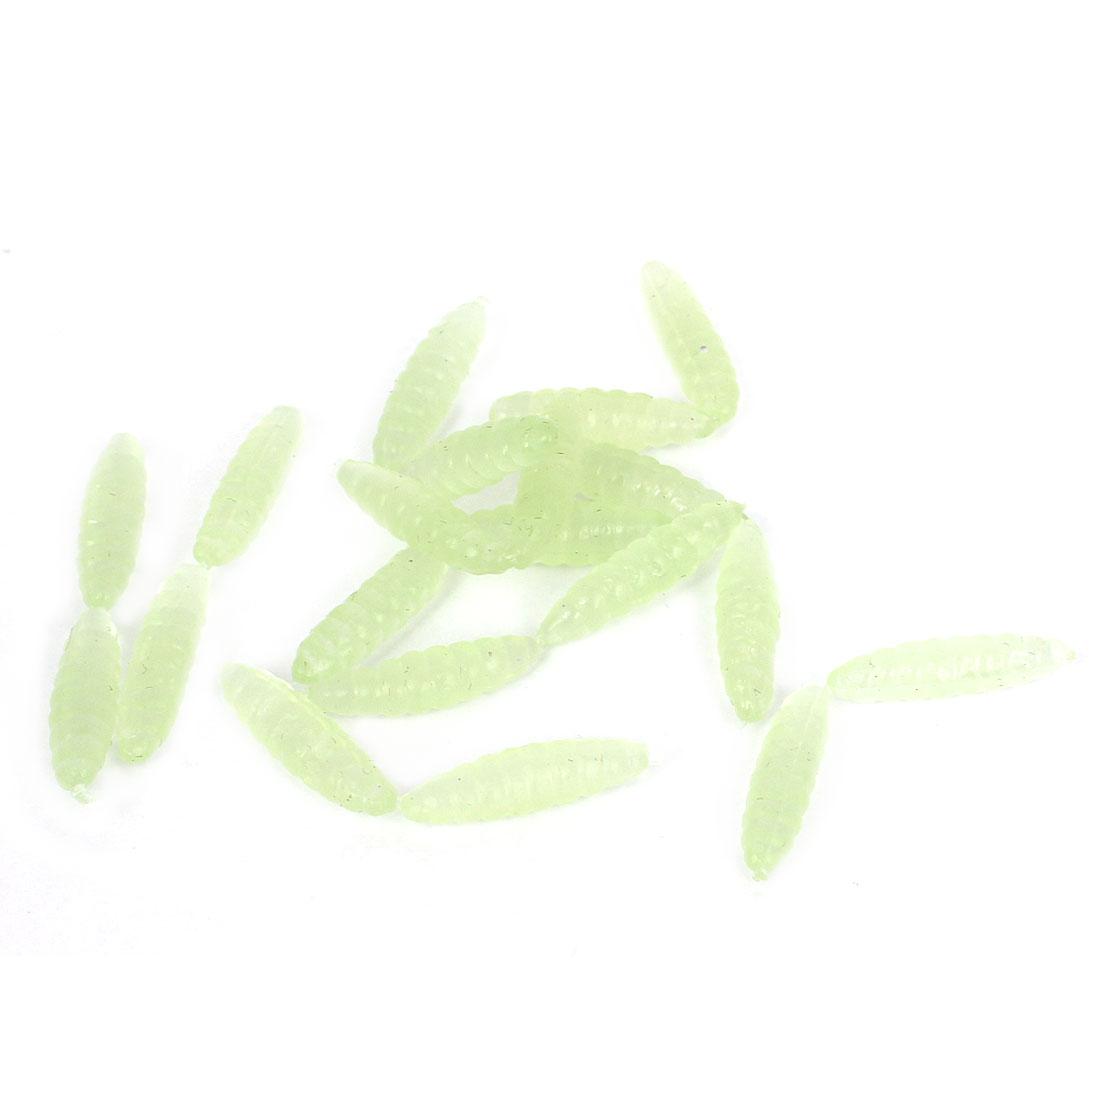 20Pcs Light Green Silicone Vivid Maggots Grubs Worms Fish Fishing Tackle Lure Baits